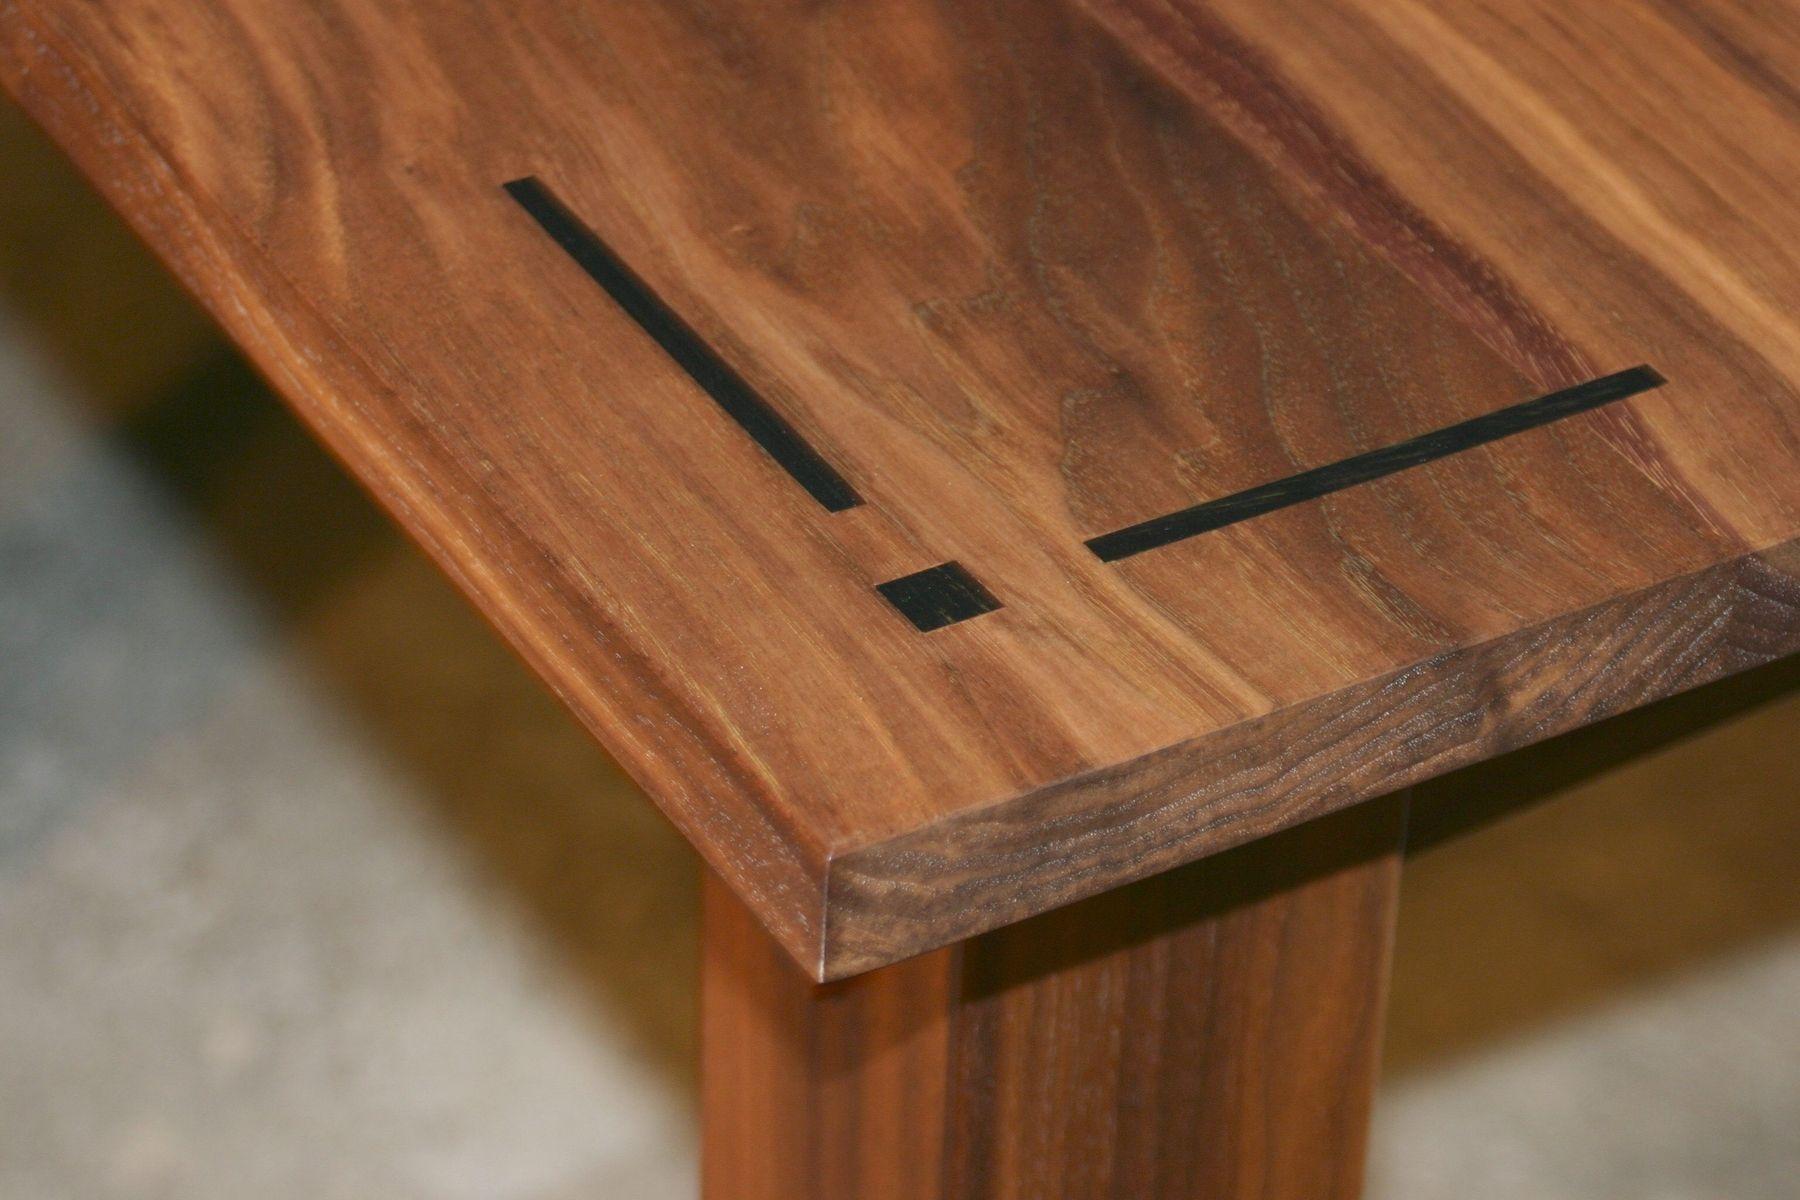 Custom Made Walnut Dining Table Detail Of Ebony Inlay